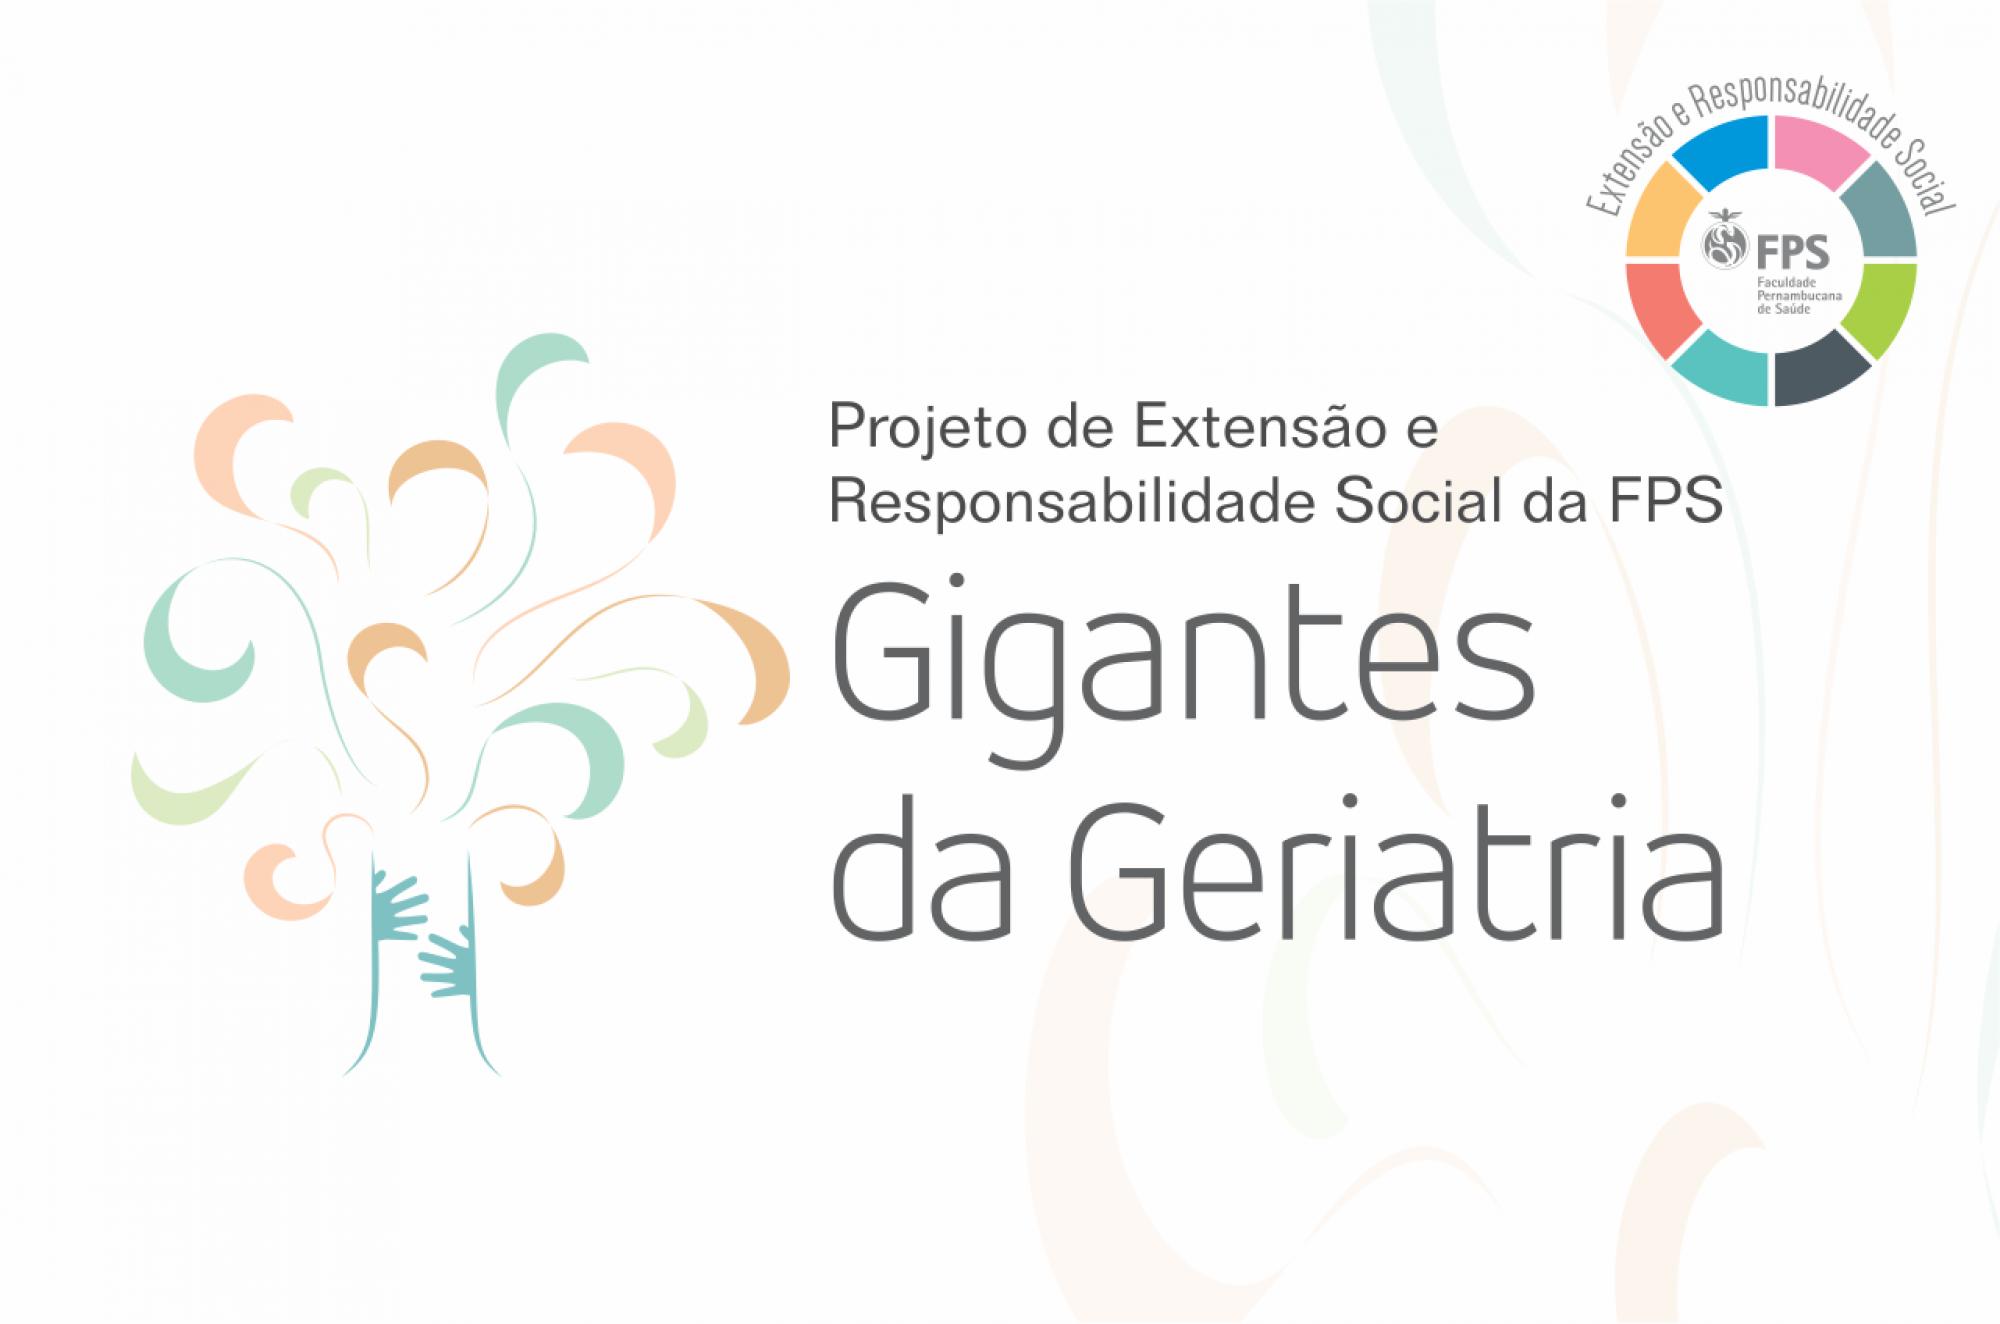 Projeto de Extensão Gigantes da Geriatria - resultado do remanejamento